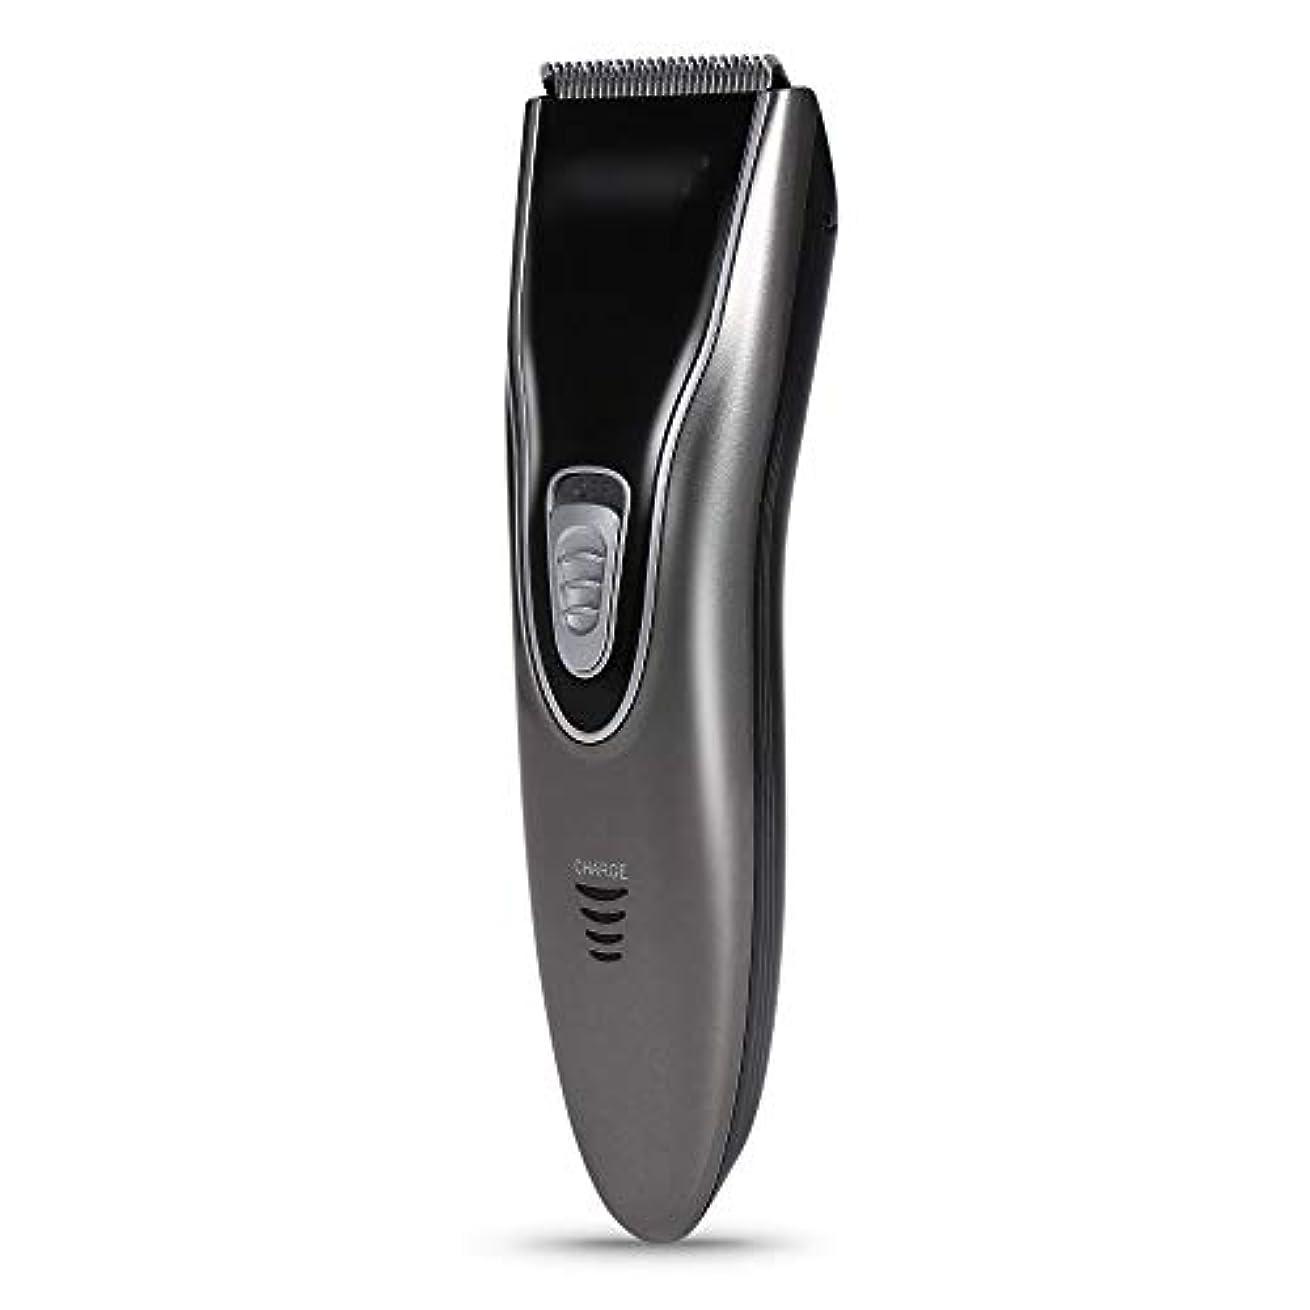 お客様才能のあるカリングWAKABAFK 充電式バリカン電気かみそりバリカンかみそりシェーバーヘアトリマー散髪機散髪